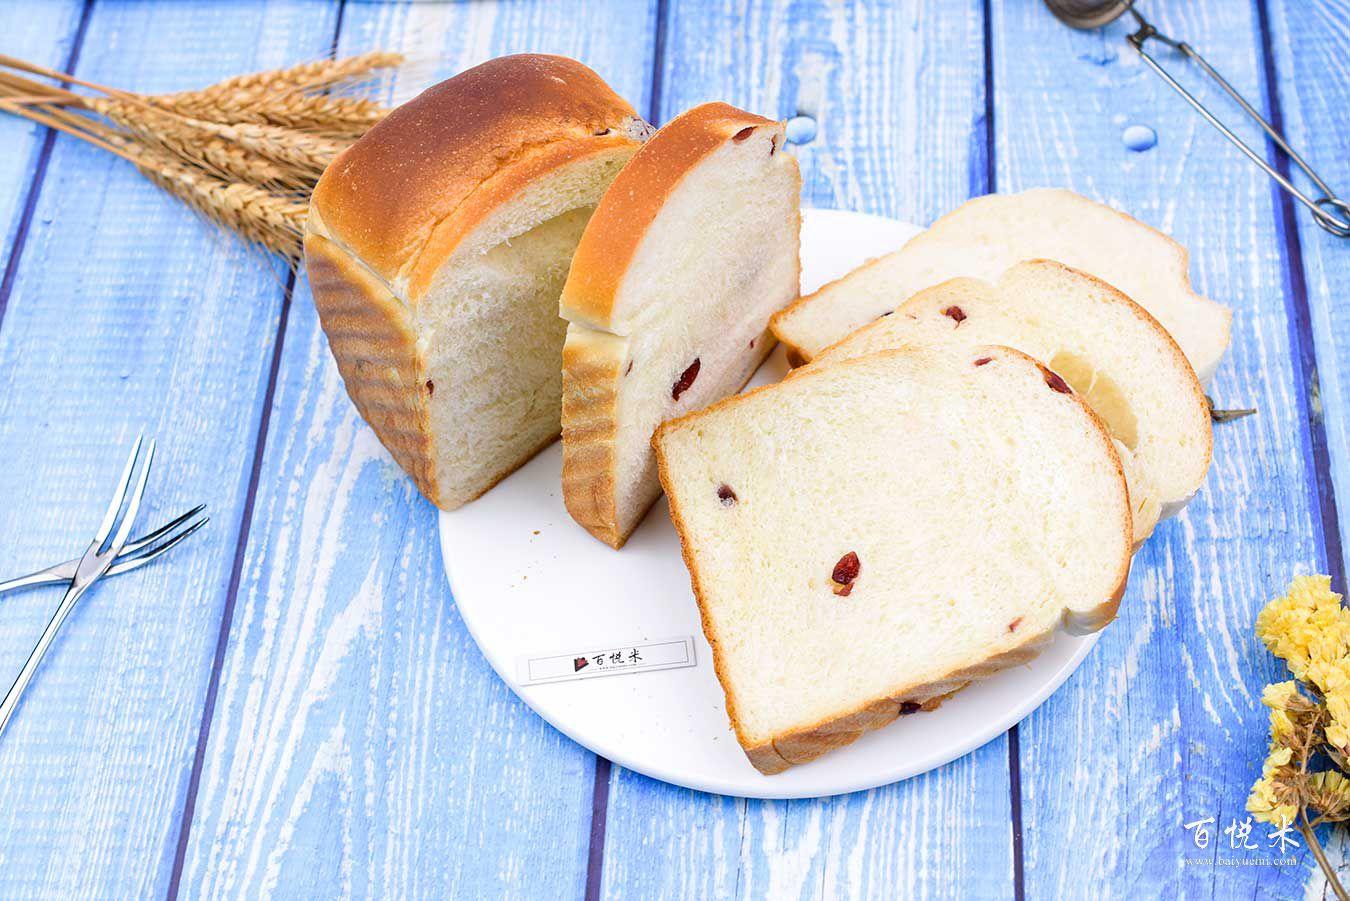 蔓越莓吐司面包高清图片大全【蛋糕图片】_529